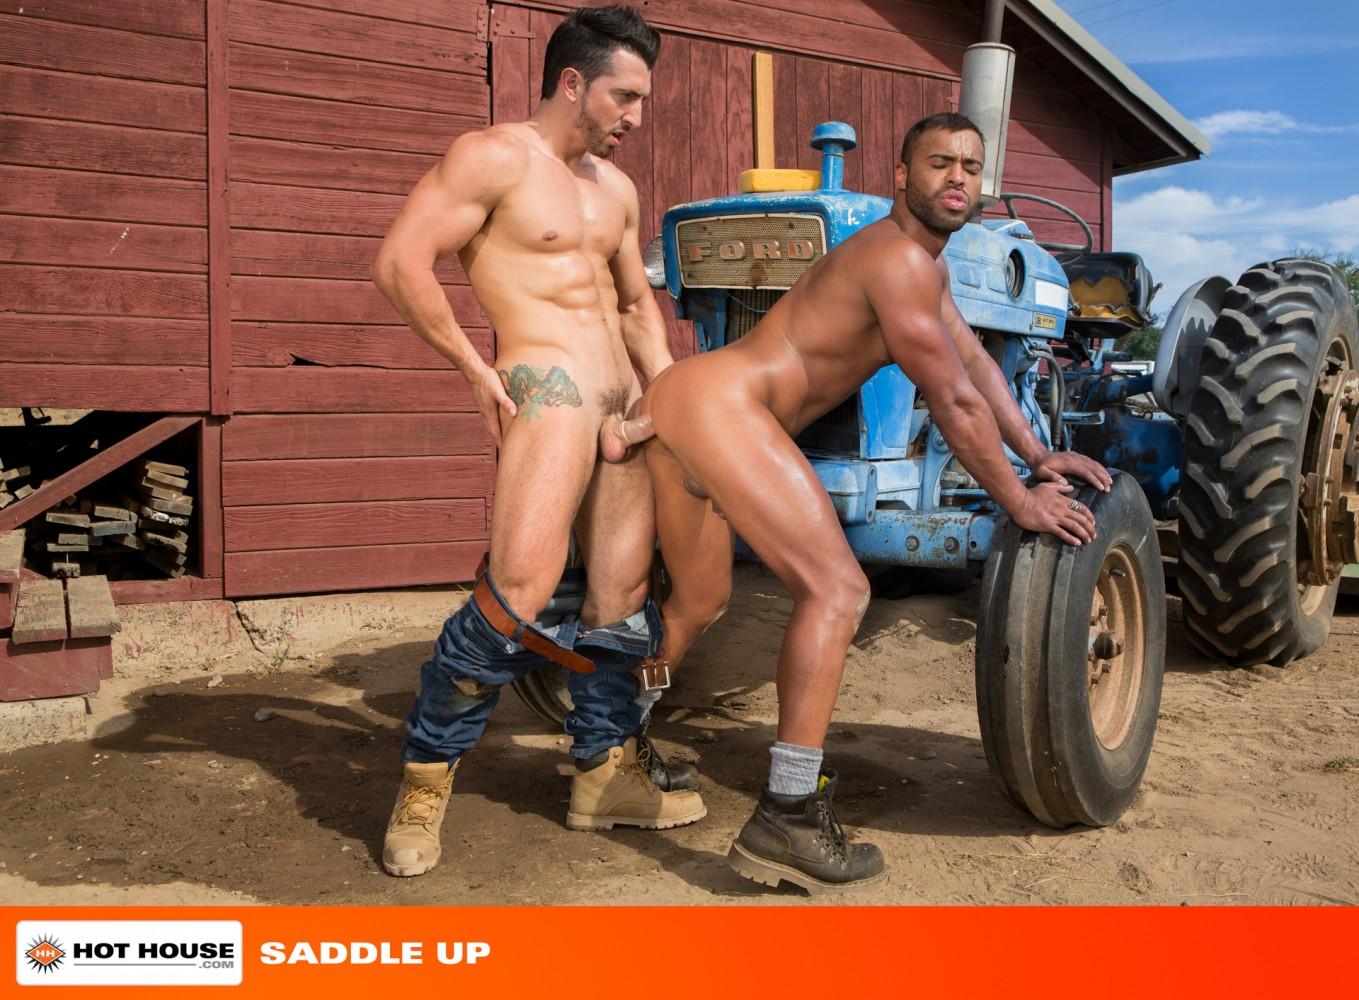 Секс и трактор, Порно: Фермер трахнул блондинку на своем тракторе 1 фотография